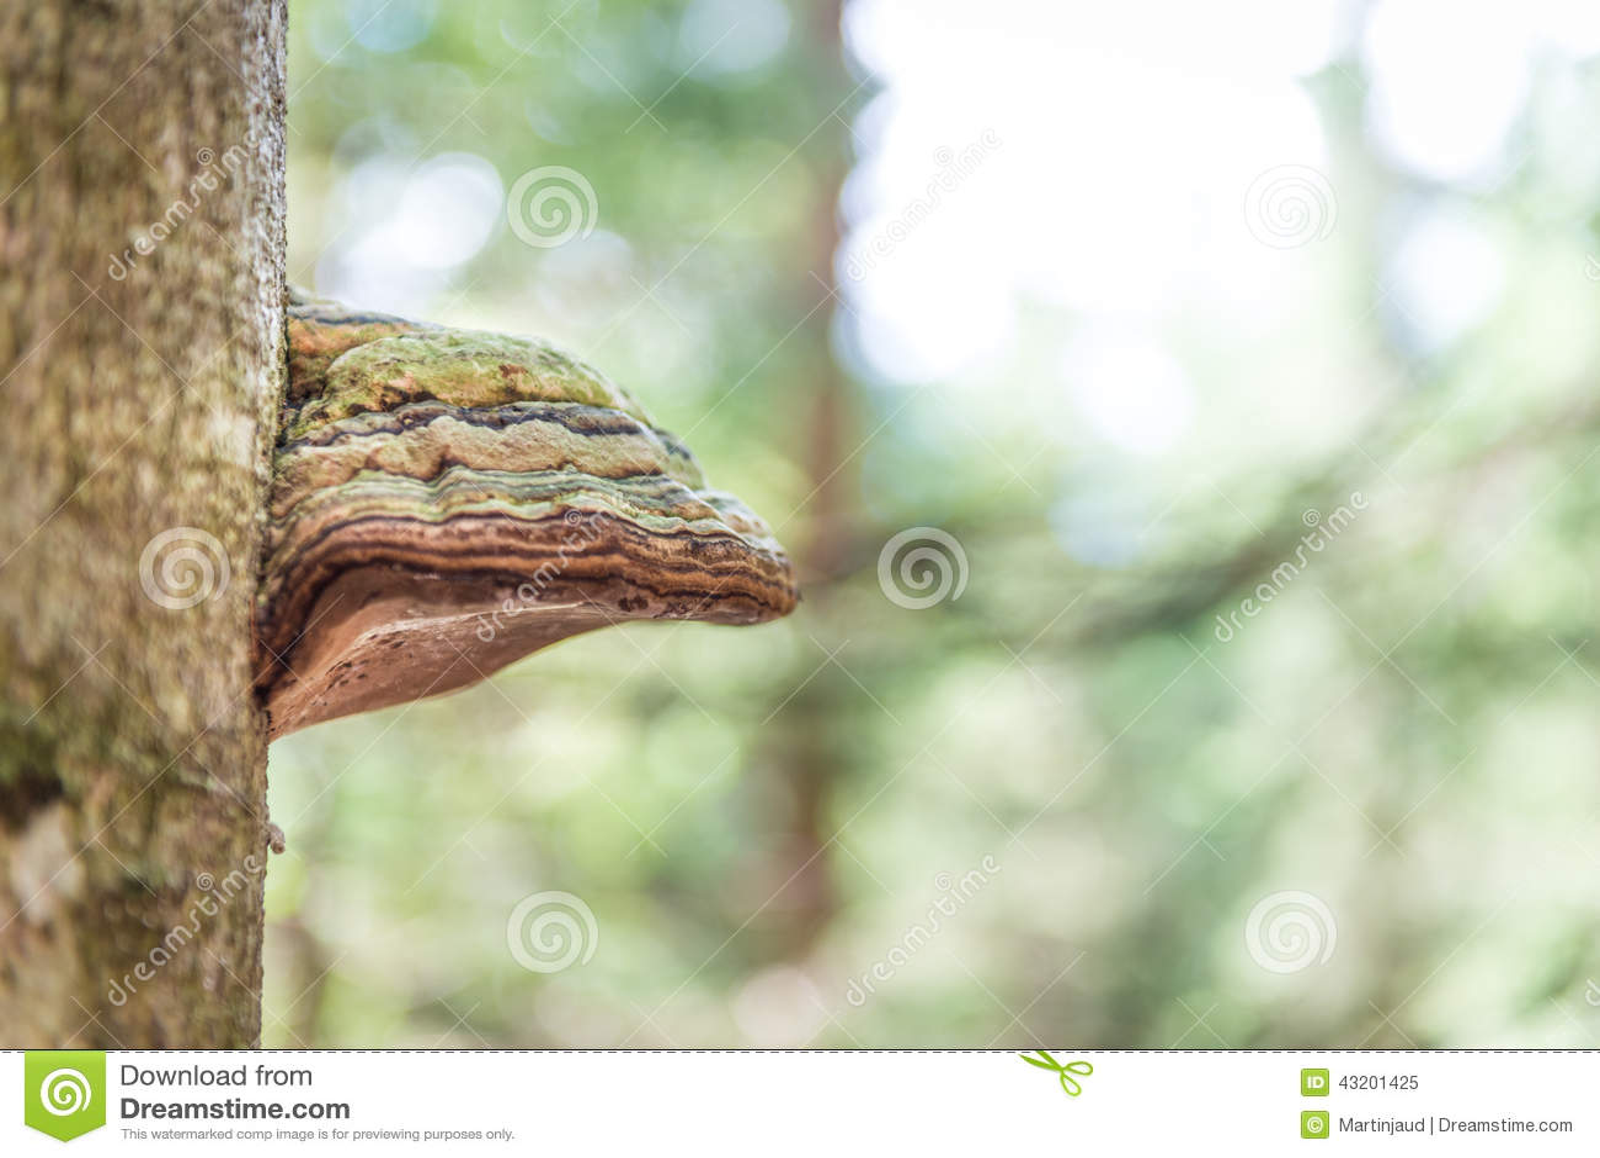 Download Fnöskesvamp på en trädstam fotografering för bildbyråer. Bild av closeup - 43201425